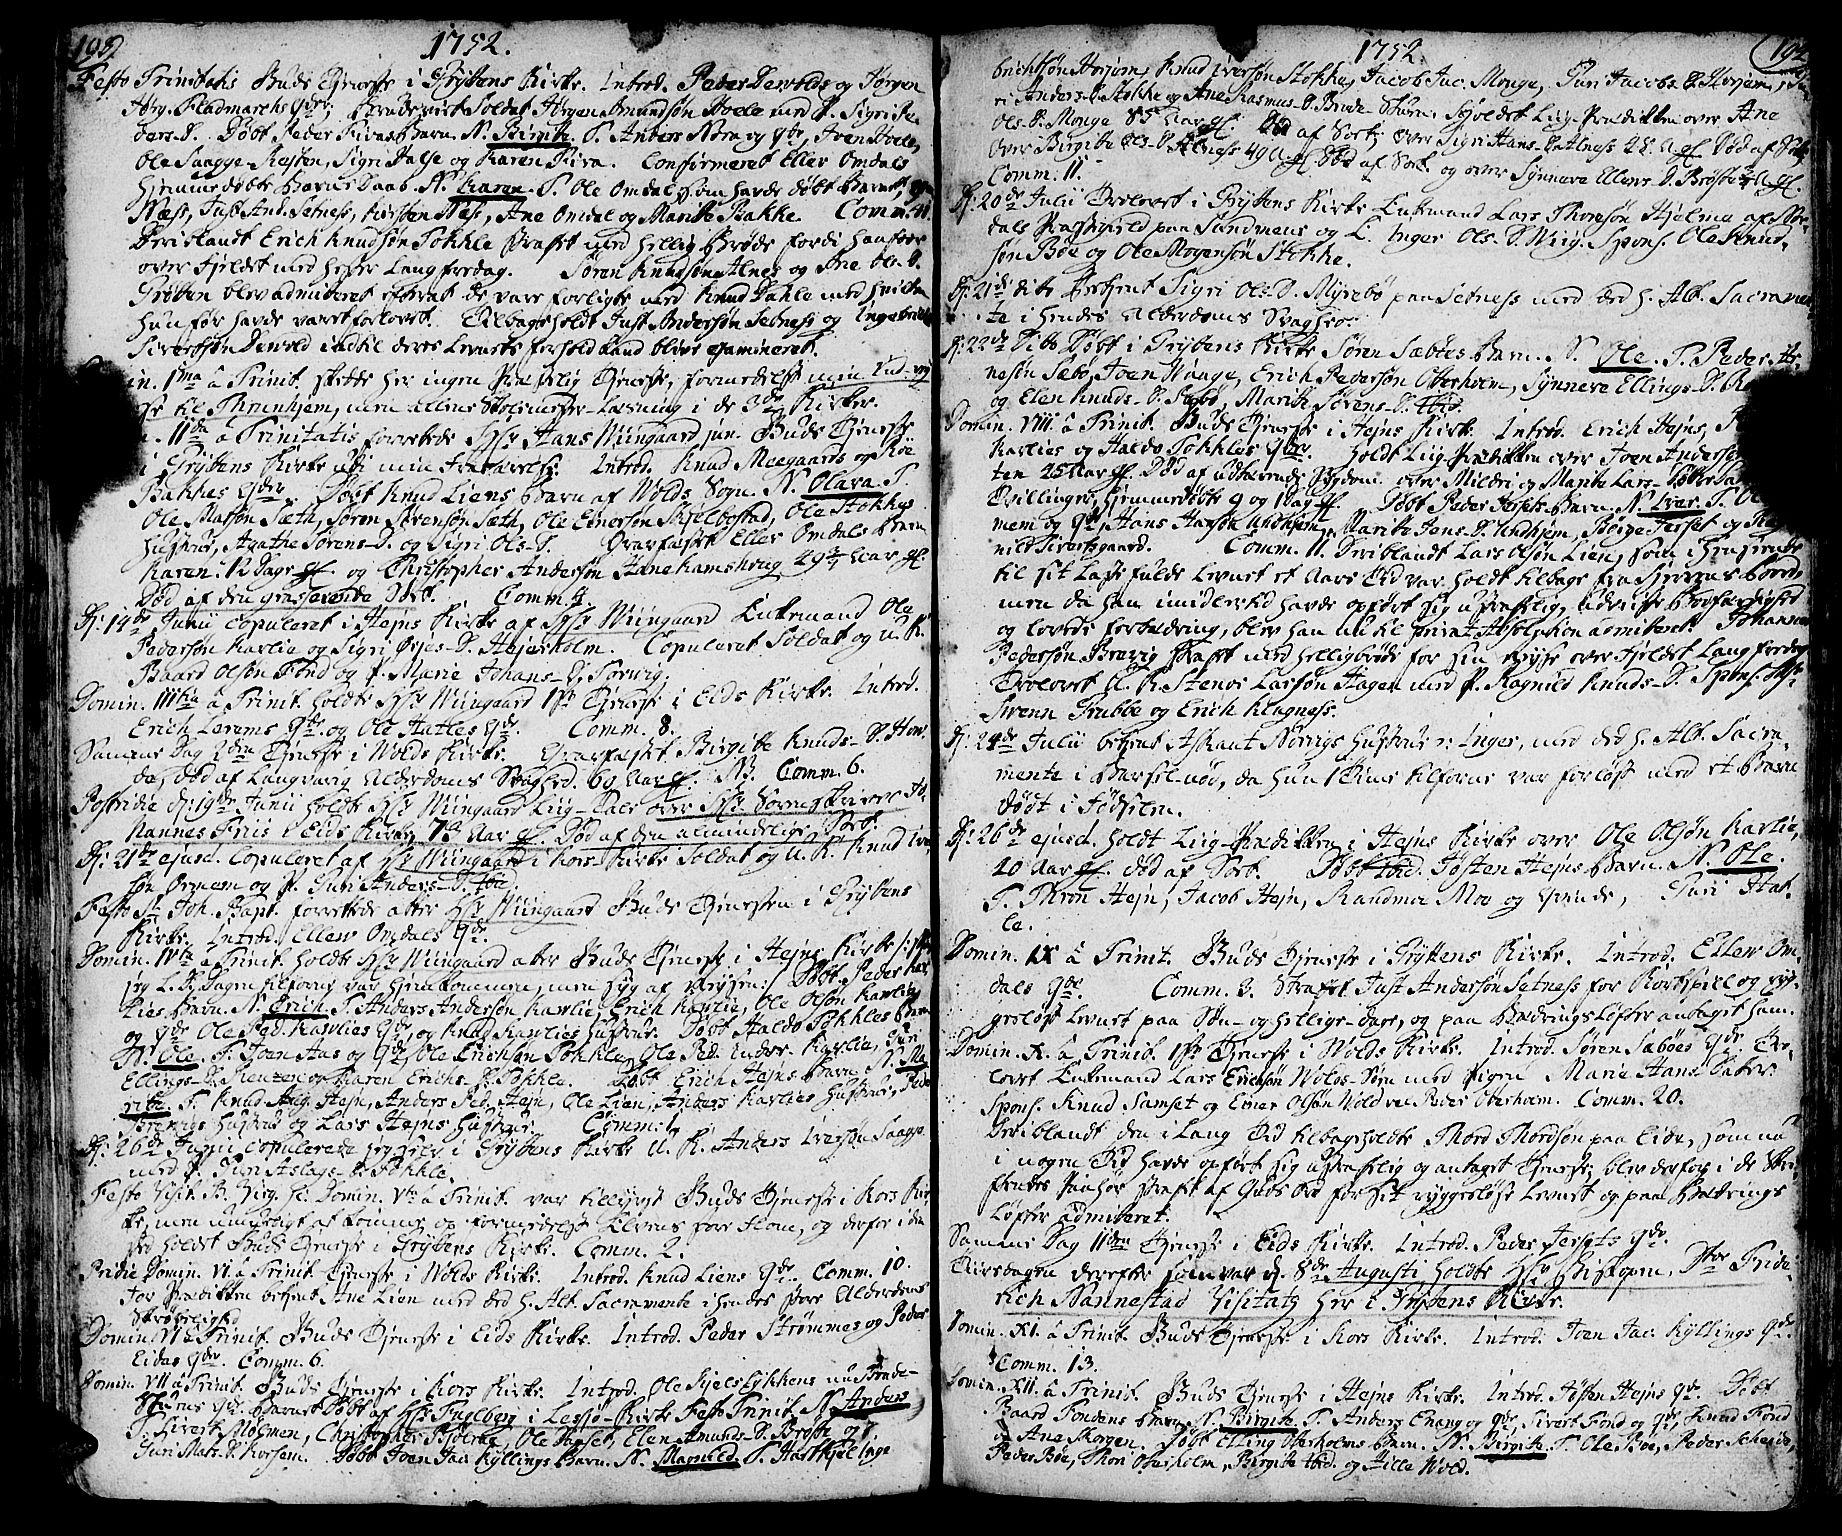 SAT, Ministerialprotokoller, klokkerbøker og fødselsregistre - Møre og Romsdal, 544/L0568: Ministerialbok nr. 544A01, 1725-1763, s. 193-194